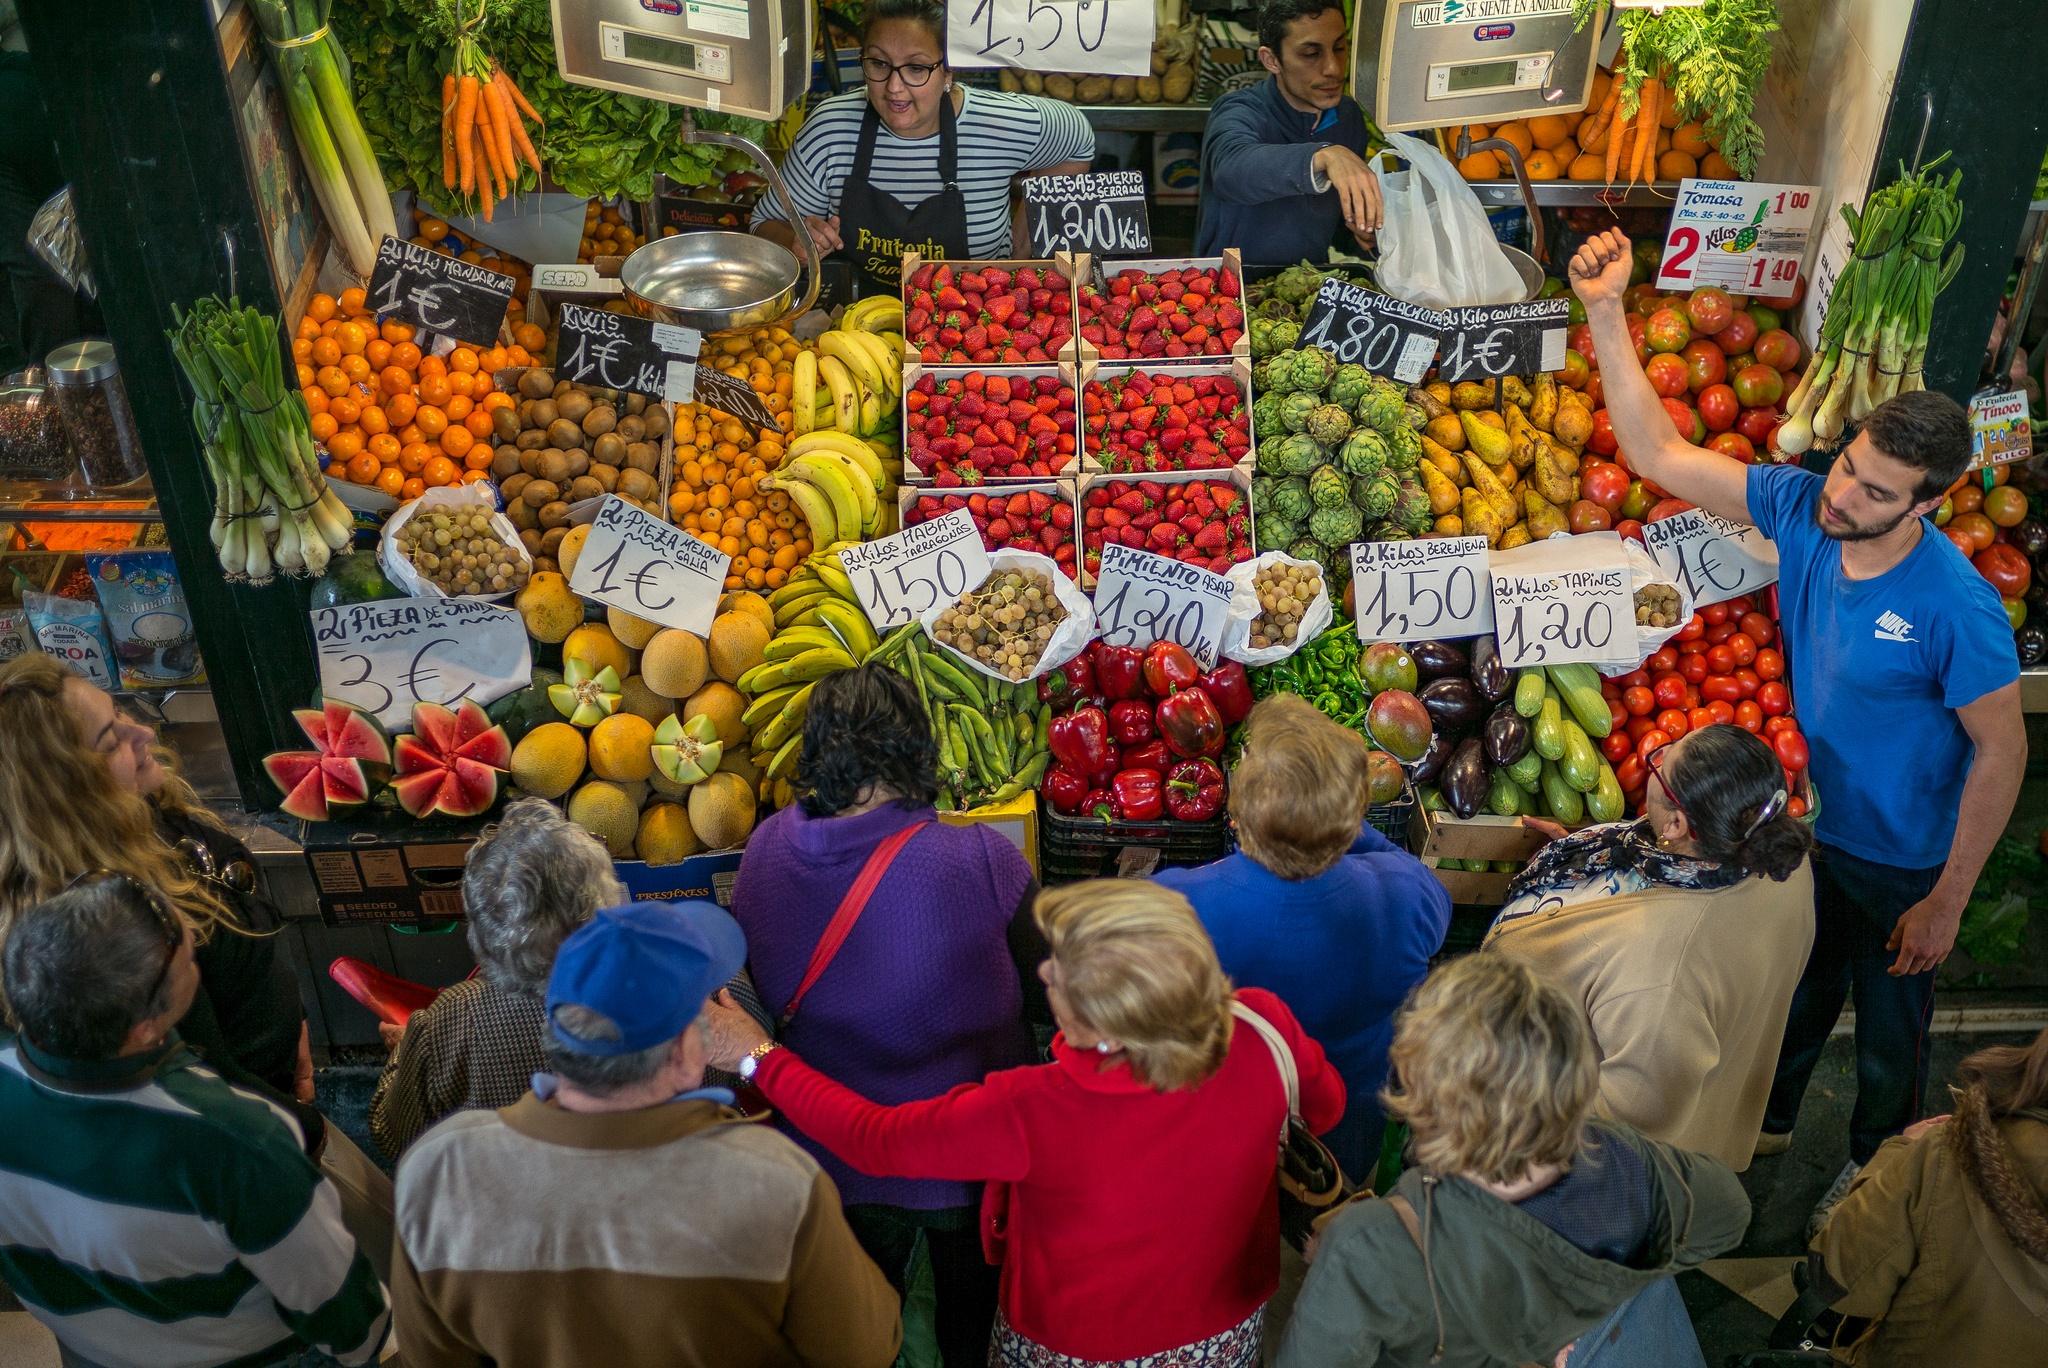 Produce Market - Jerez de la Frontera, Spain by Sean Sweeney